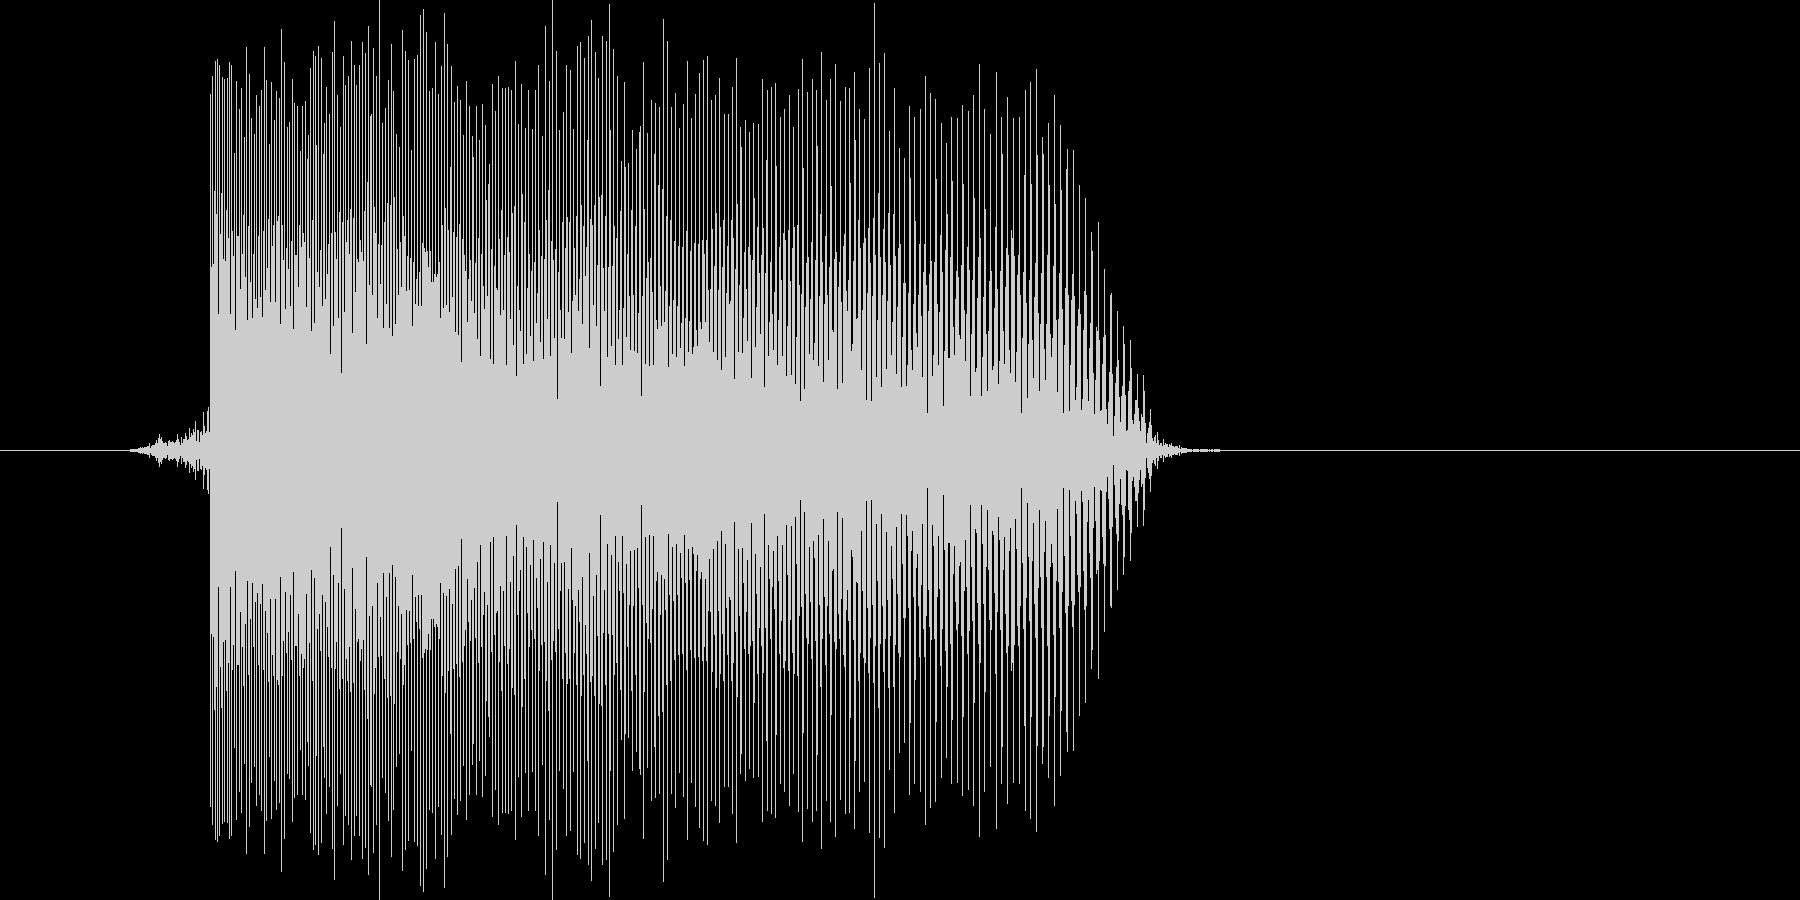 ゲーム(ファミコン風)レーザー音_016の未再生の波形